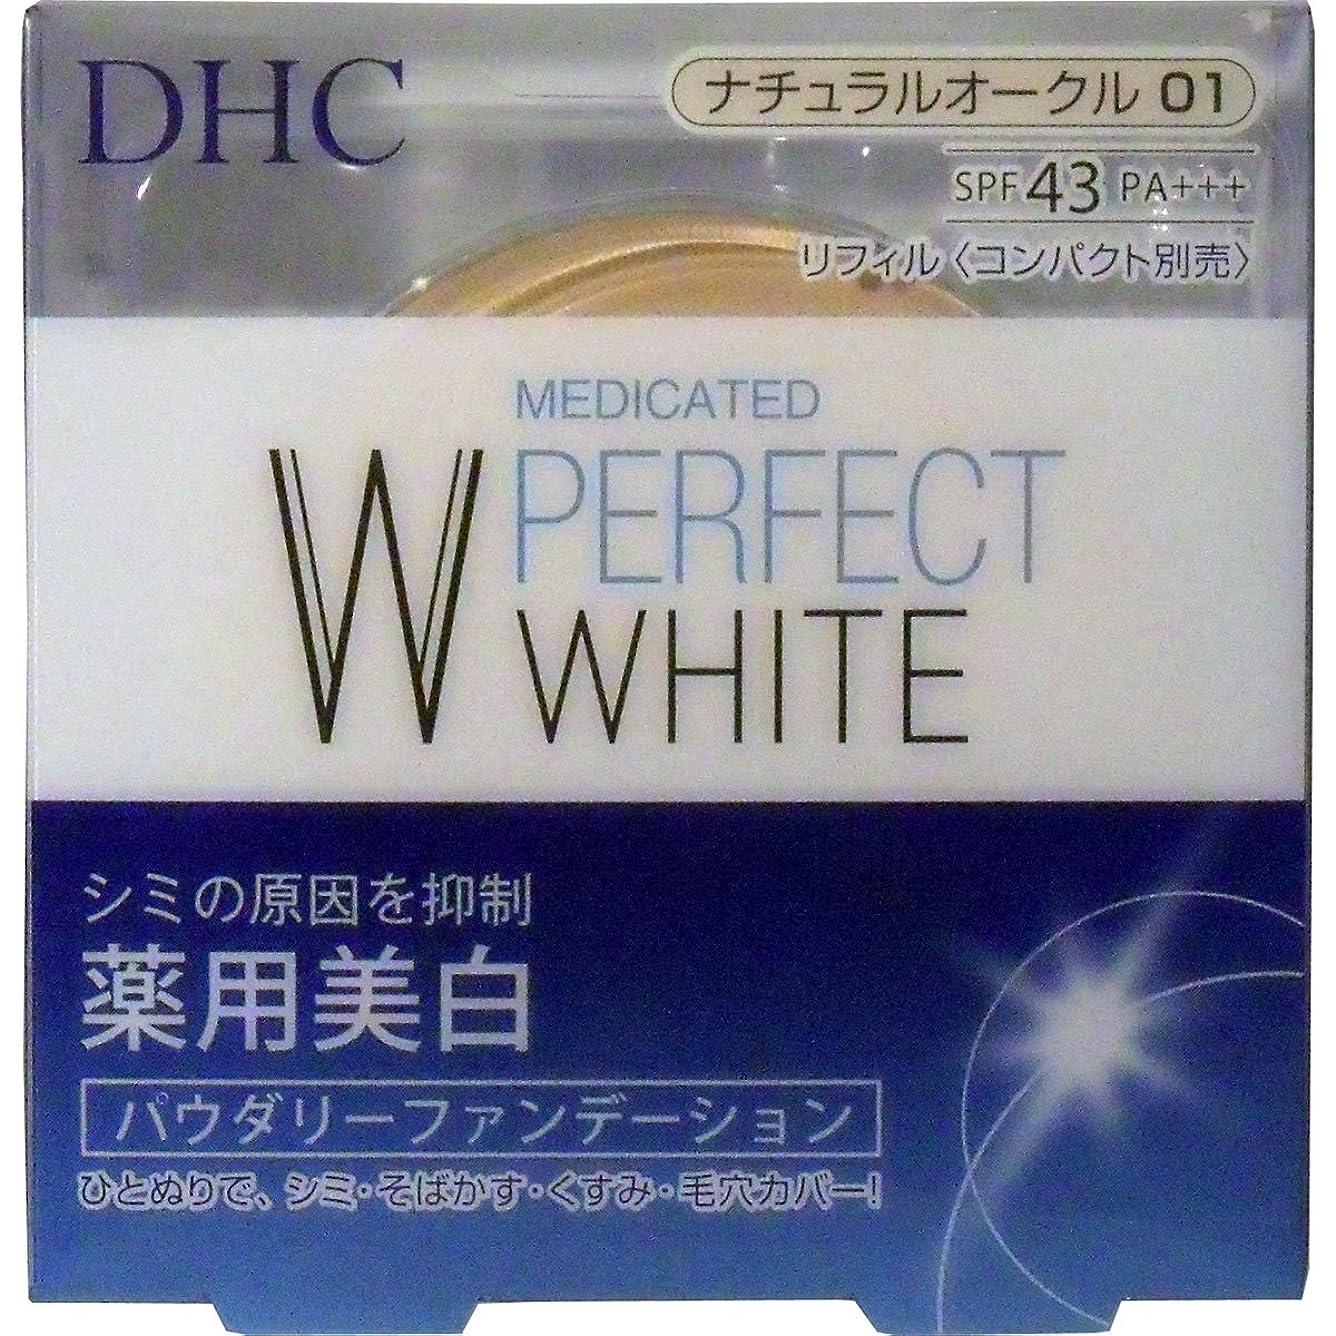 傾斜ノートキャストダブルの美白効果で、高まる透明感!DHC 薬用美白パーフェクトホワイト パウダリーファンデーション ナチュラルオークル01 10g【4個セット】